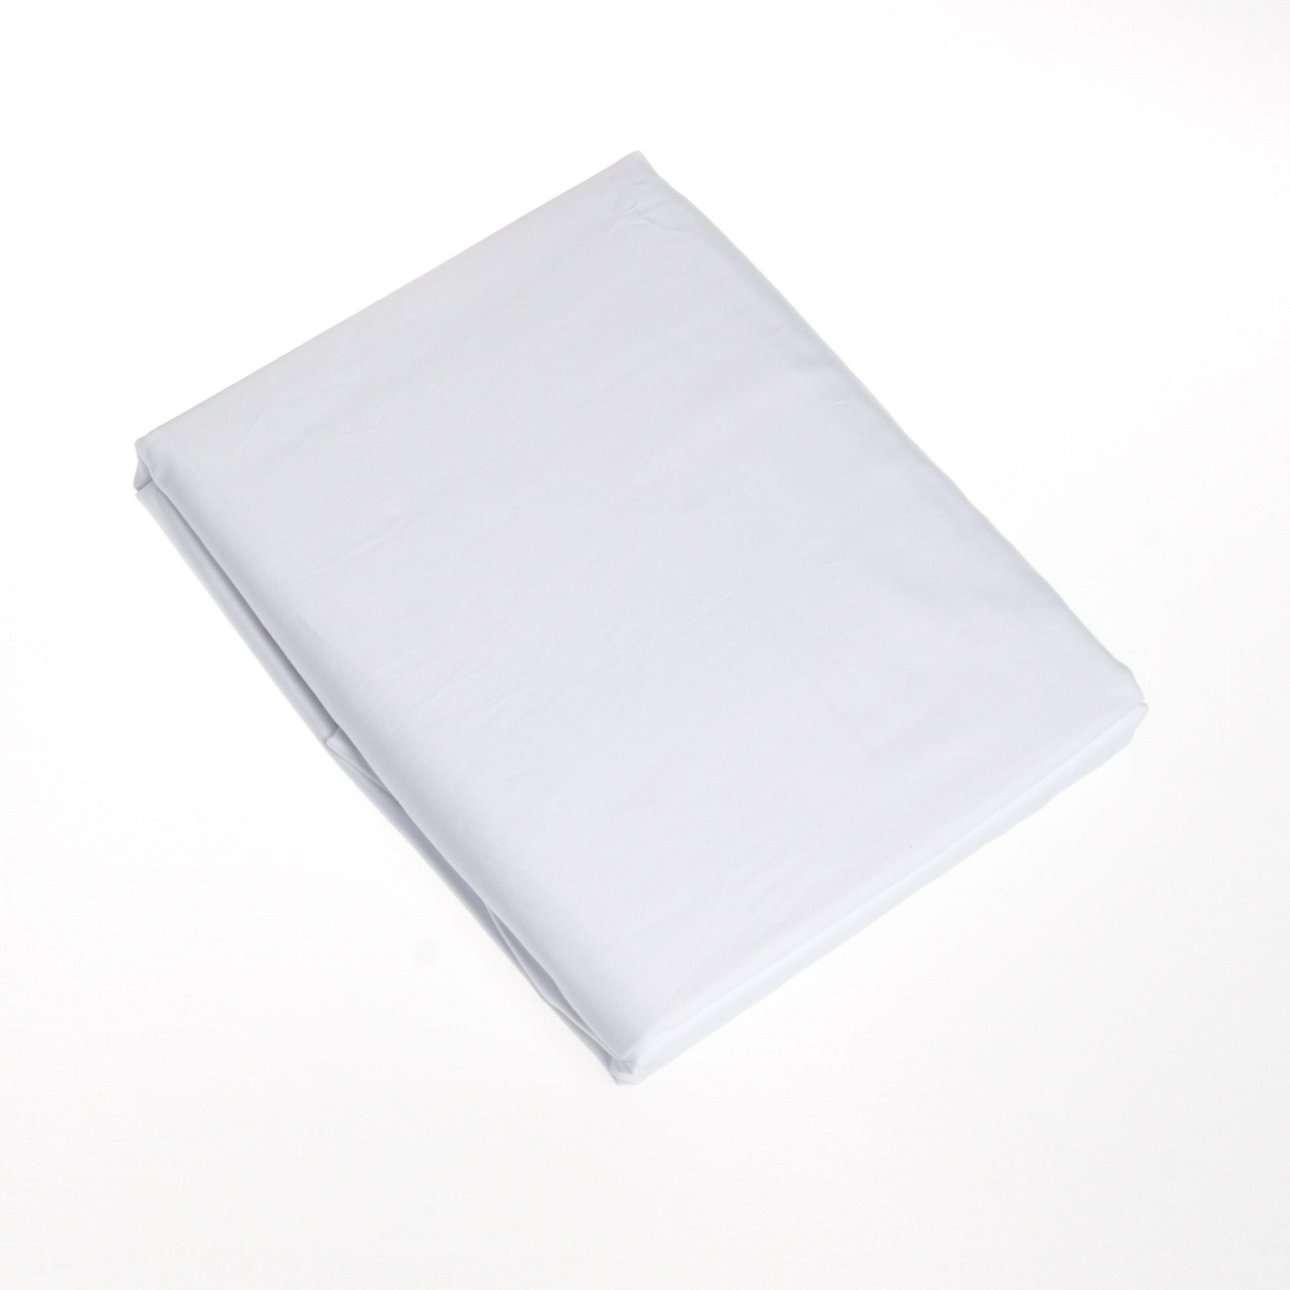 Prześcieradło satynowe z gumką białe 140 × 200 cm